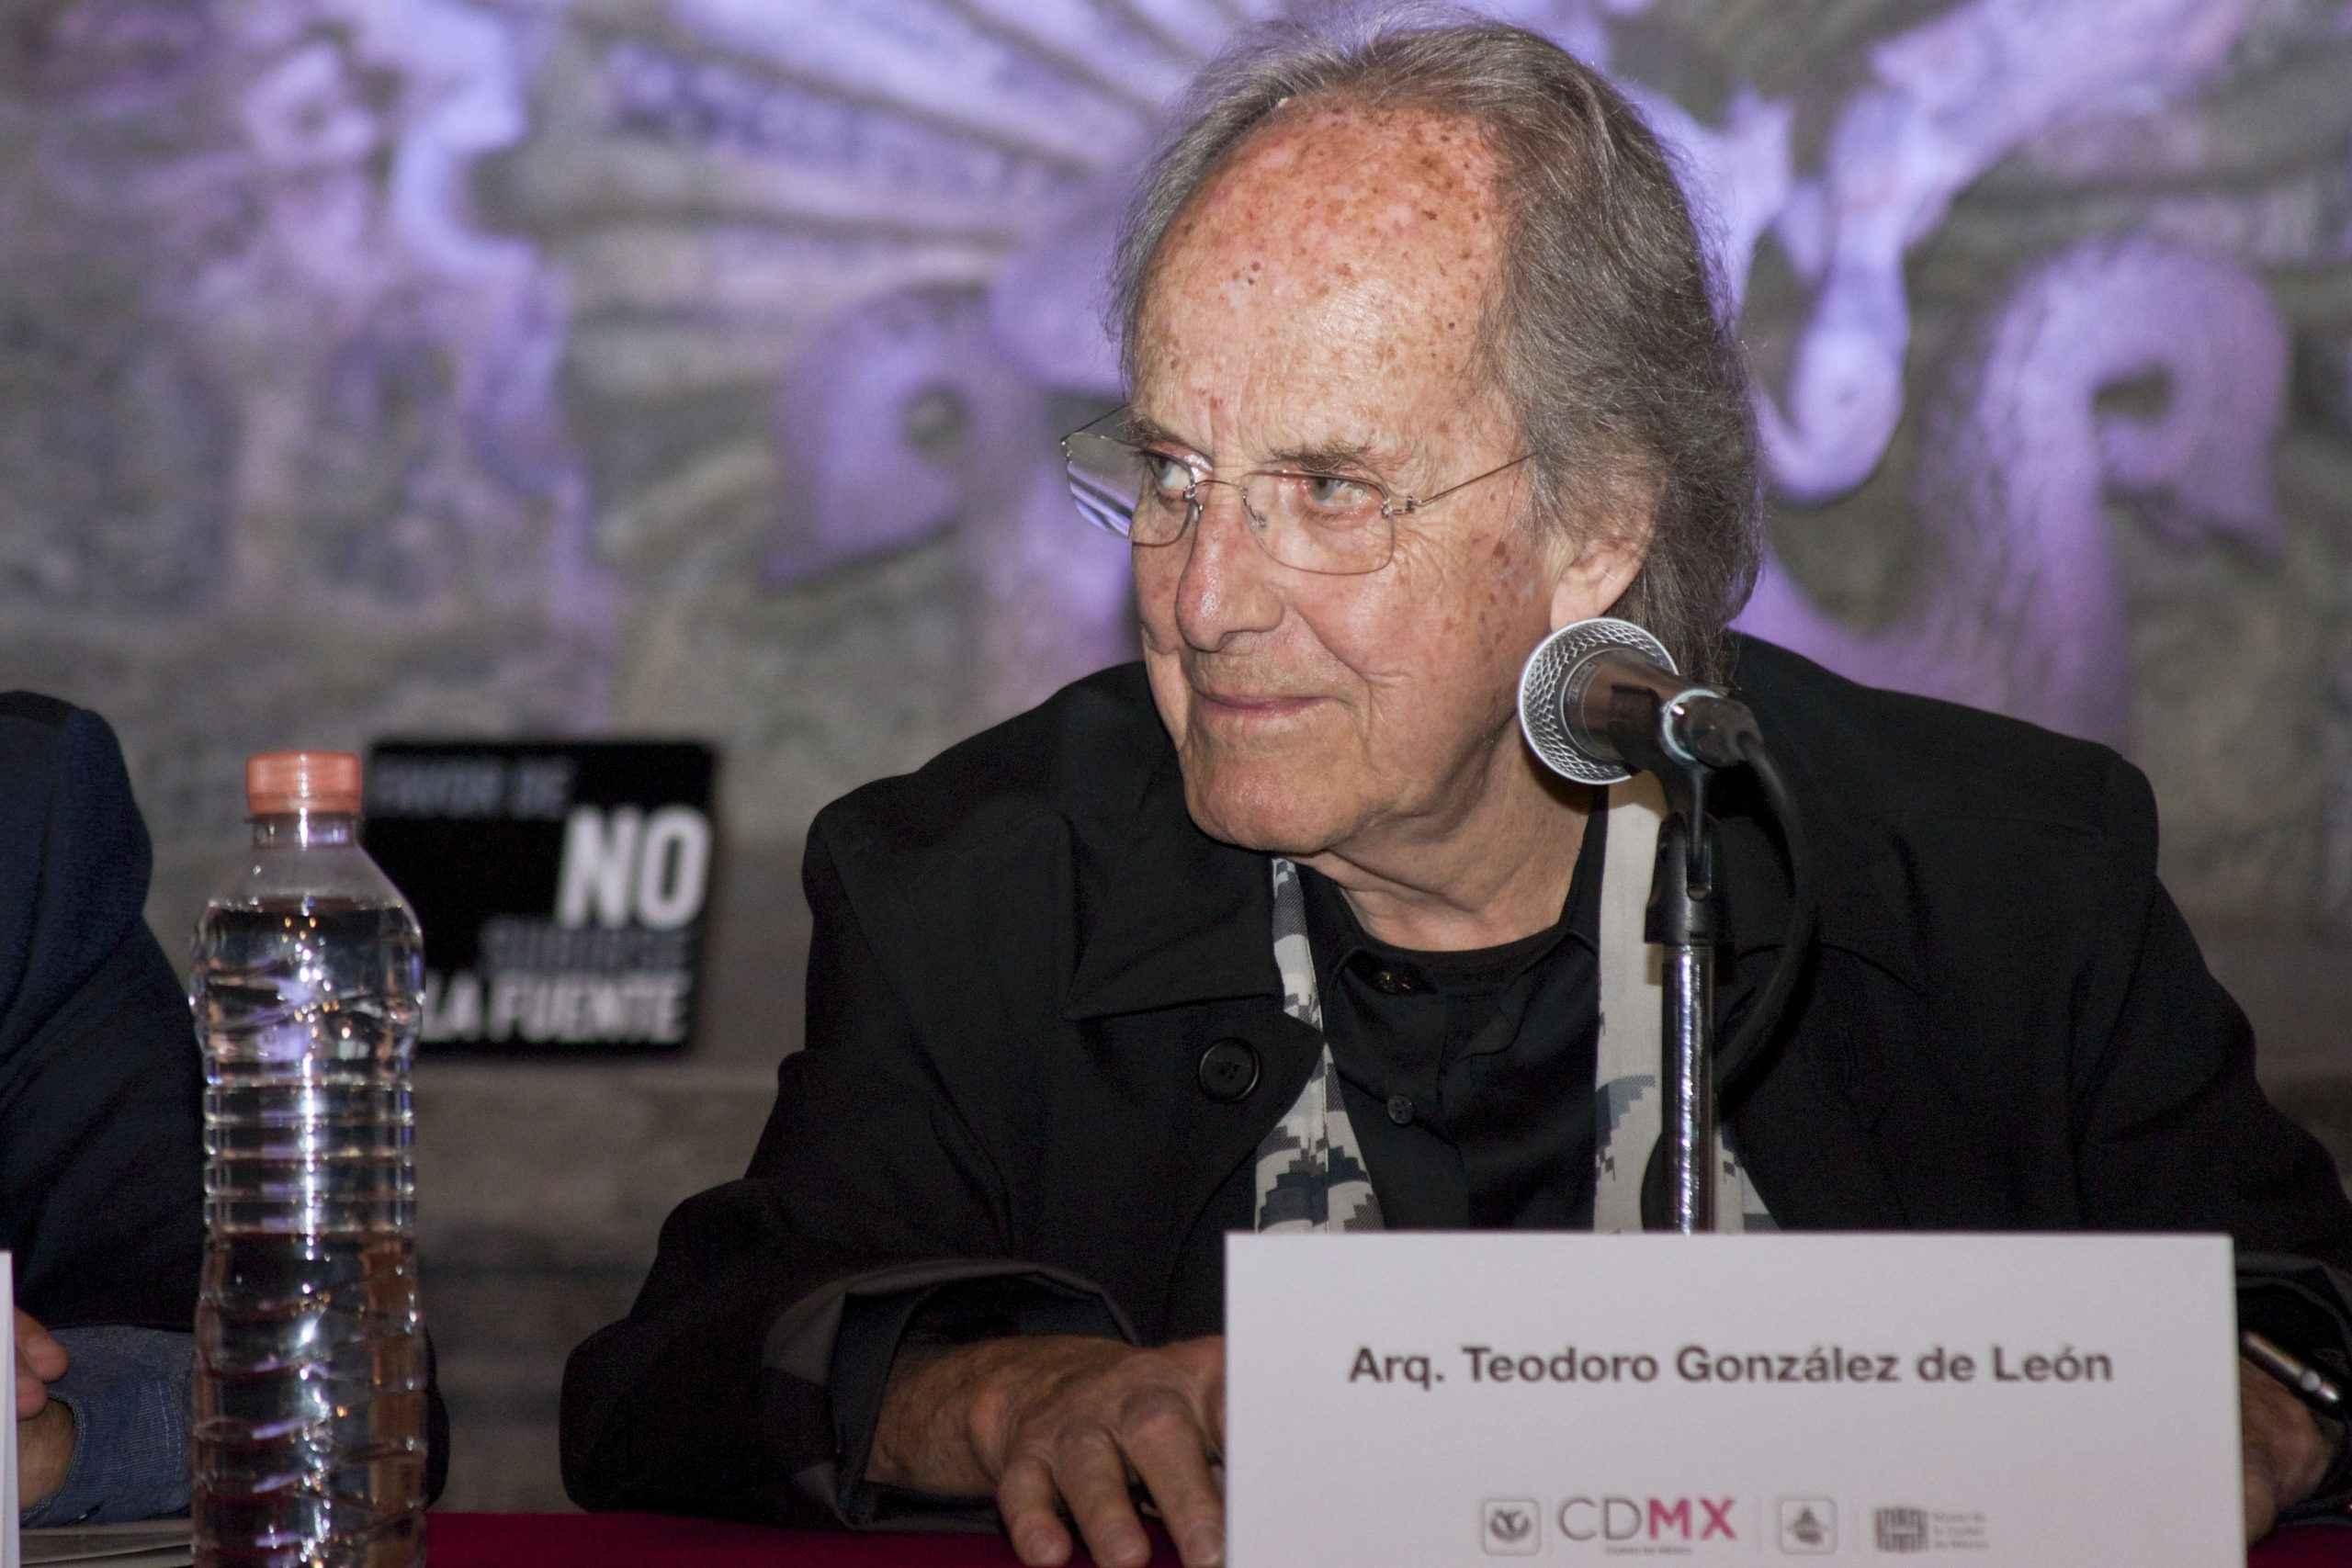 Teodoro González reflexiona sobre la arquitectura y planeación de ciudad